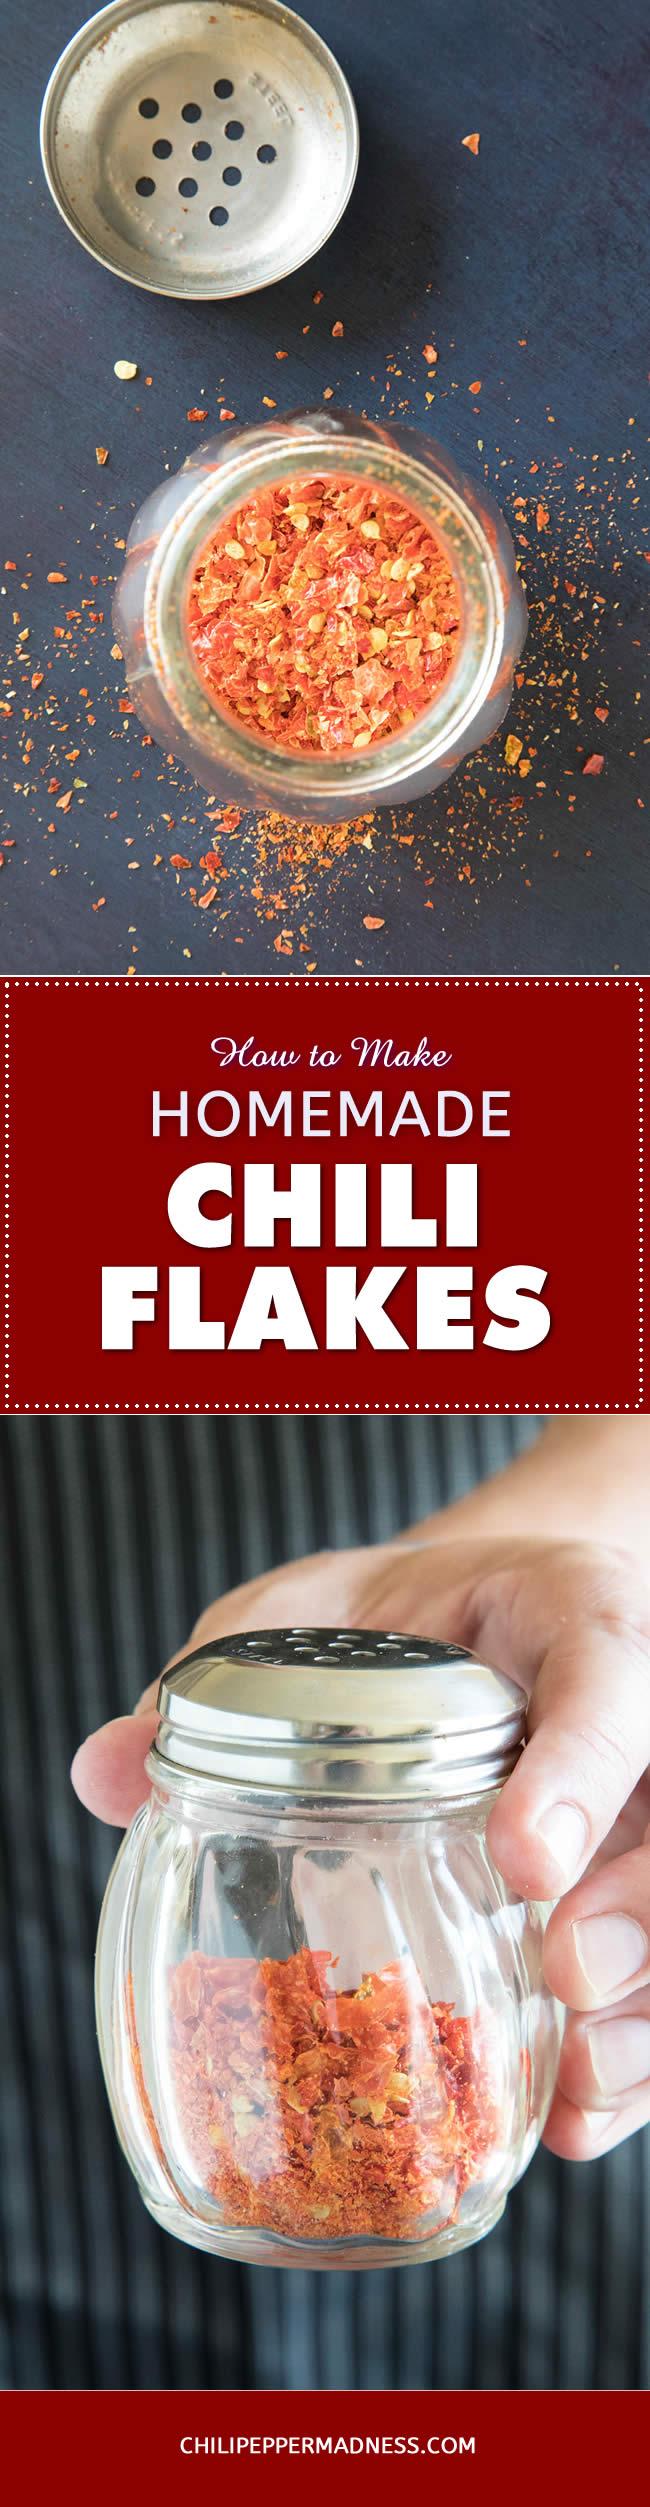 How to Make Homemade Chili Flakes - Recipe